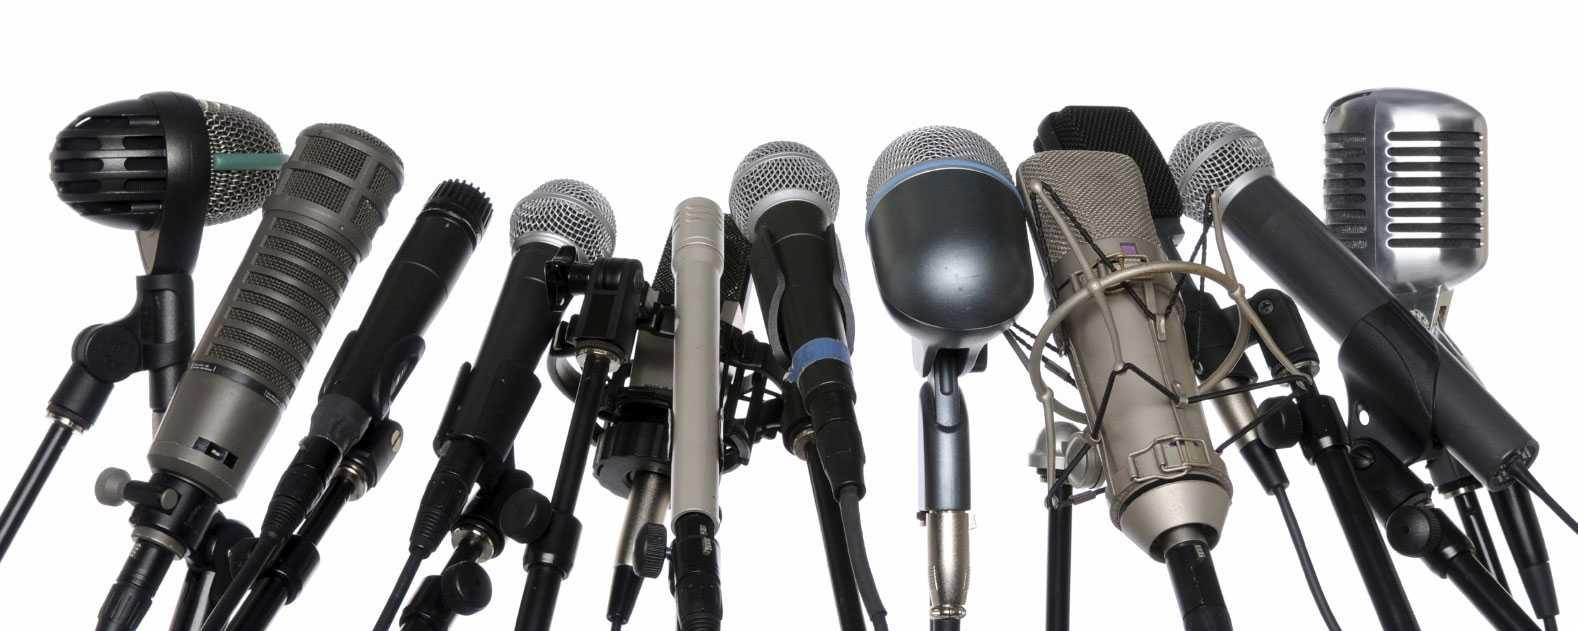 Рейтинг лучших микрофонов для записи видео на 2020 год